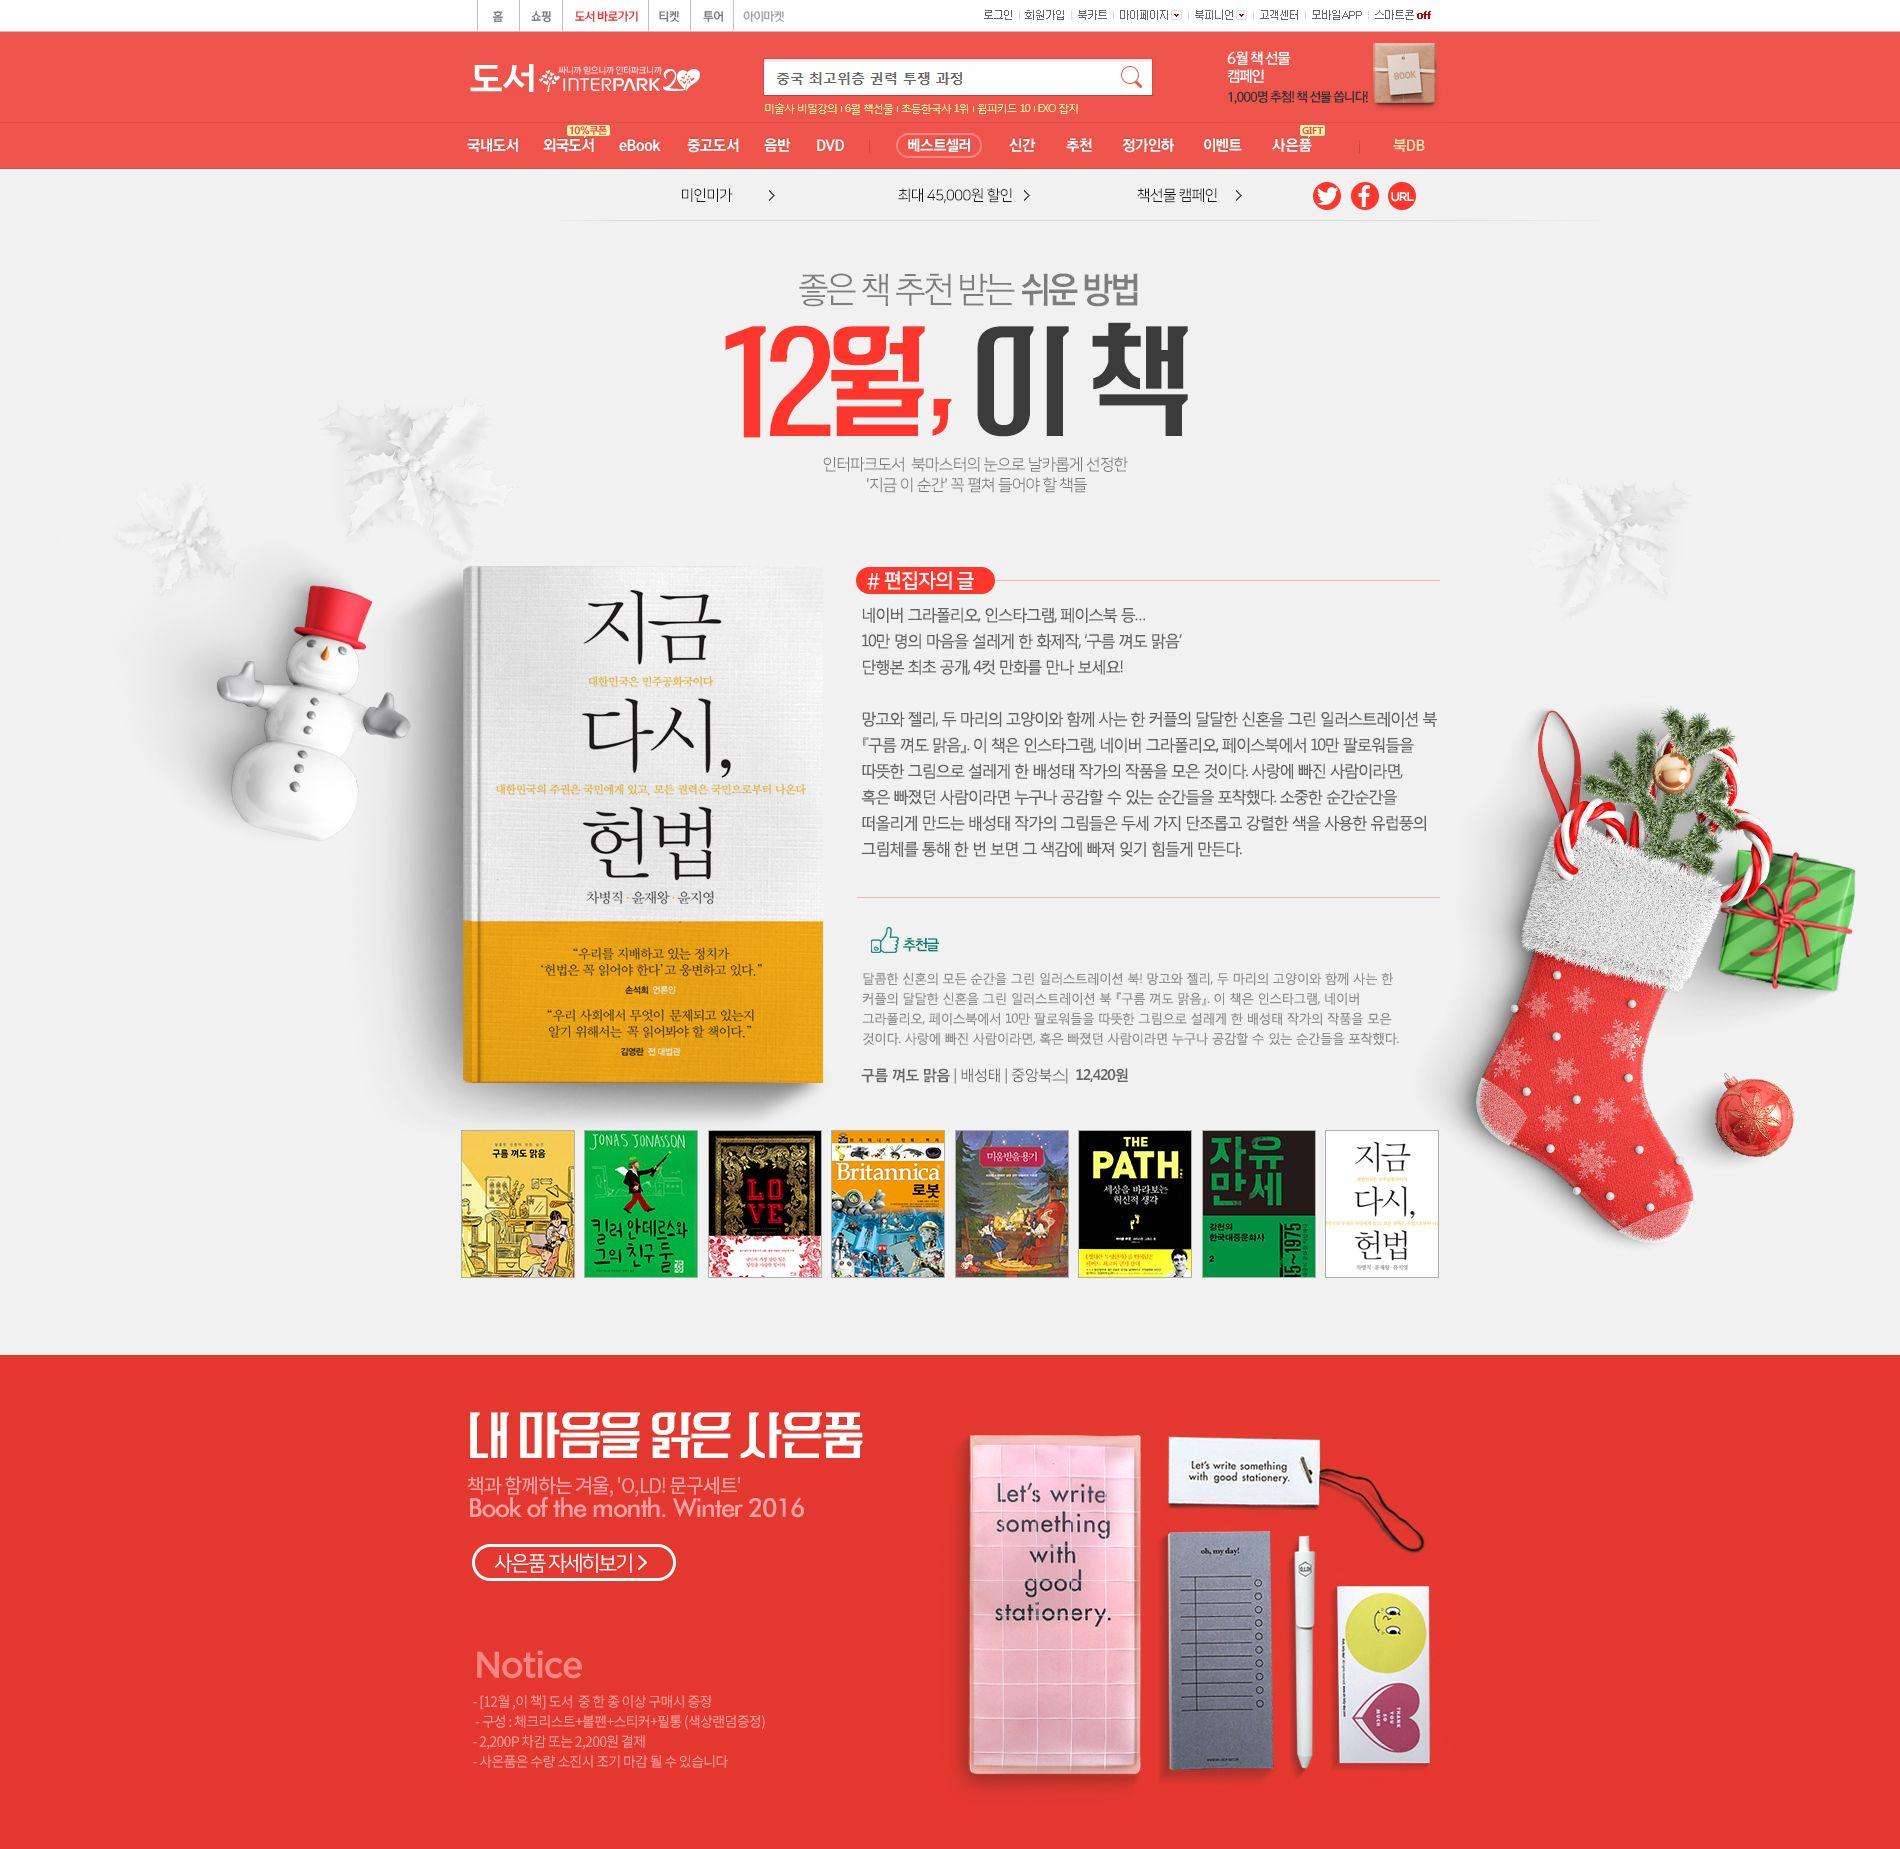 크리스마스, 겨울, 12월이벤트 시즈널 이벤트 프로모션 , 인터파크 도서   web design ...